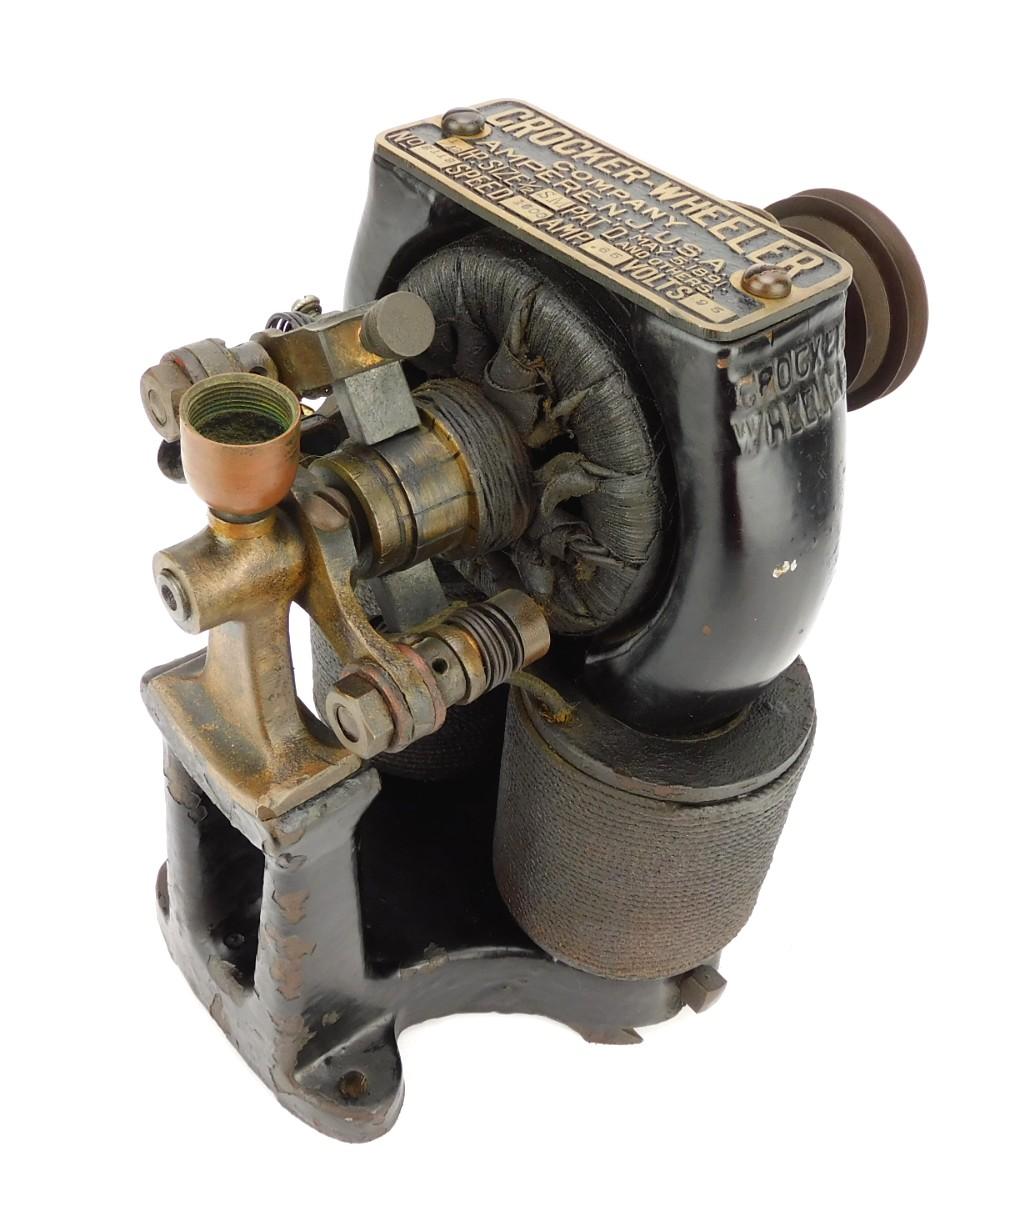 1890 Crocker Wheeler 1/12th HP Fan Motor